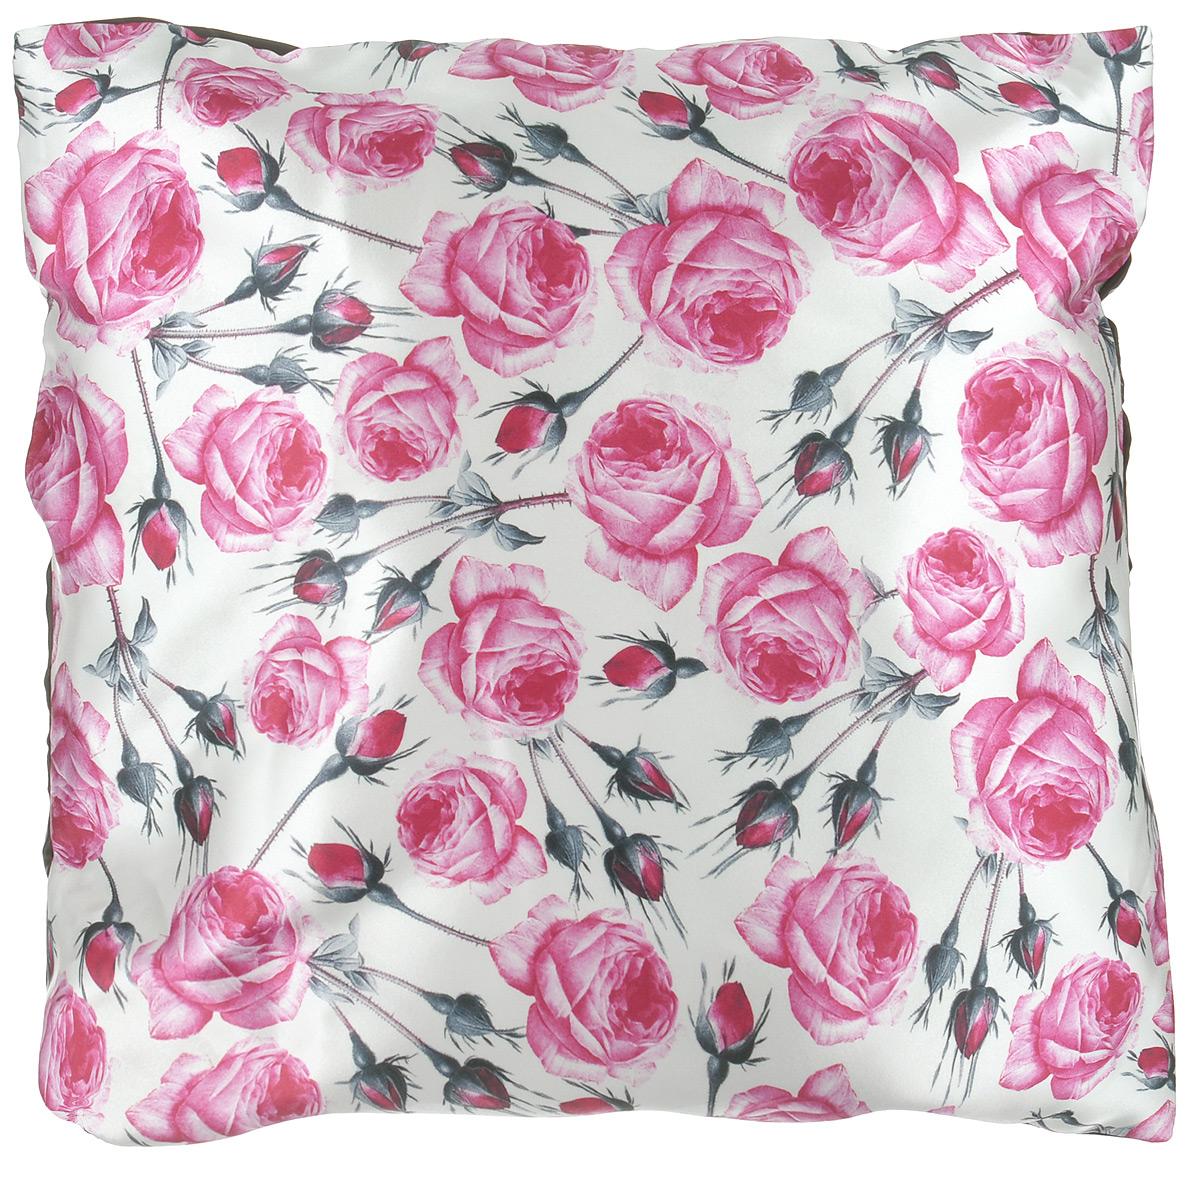 Подушка декоративная Розы, 40 см х 40 см17102027Декоративная подушка Розы прекрасно дополнит интерьер комнаты. Чехол подушки выполнен из гладкого и приятного на ощупь сатина. Чехол на молнии, поэтому подушку легко стирать. Внутри - мягкий наполнитель. Лицевая сторона подушки украшена красочным цветочным рисунком, задняя сторона - насыщенного шоколадного цвета. Стильная и яркая подушка эффектно украсит интерьер и добавит в привычную обстановку изысканность и роскошь.